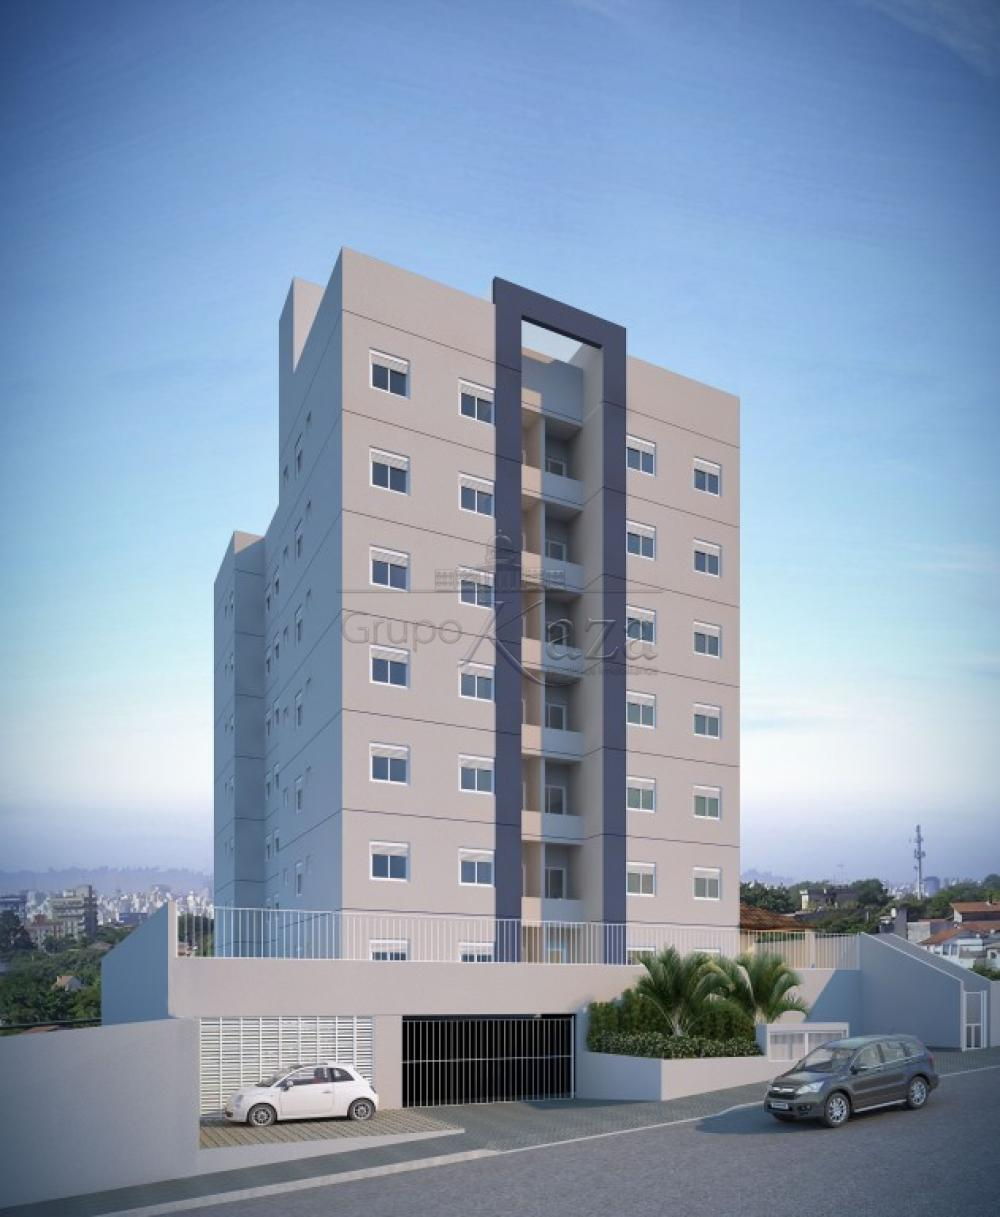 Lançamento Edifício Marino no bairro Jardim América em São José dos Campos-SP